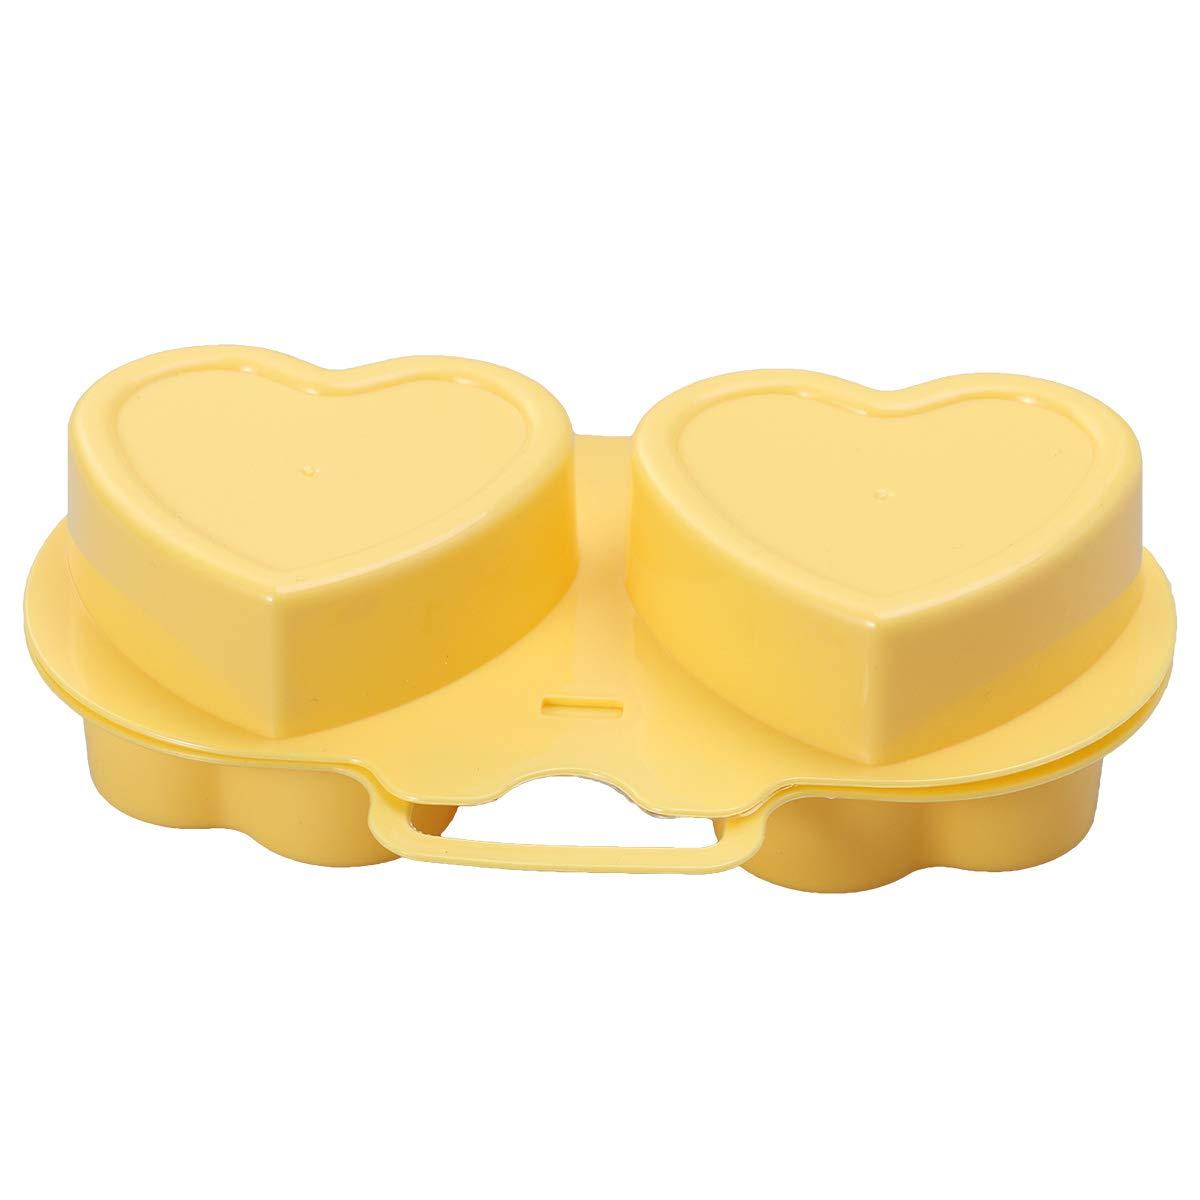 BESTONZON Horno microondas Horno Cocina Huevo en Forma de Caldera Cocina aparatos de Silicona Huevos fritos Horno